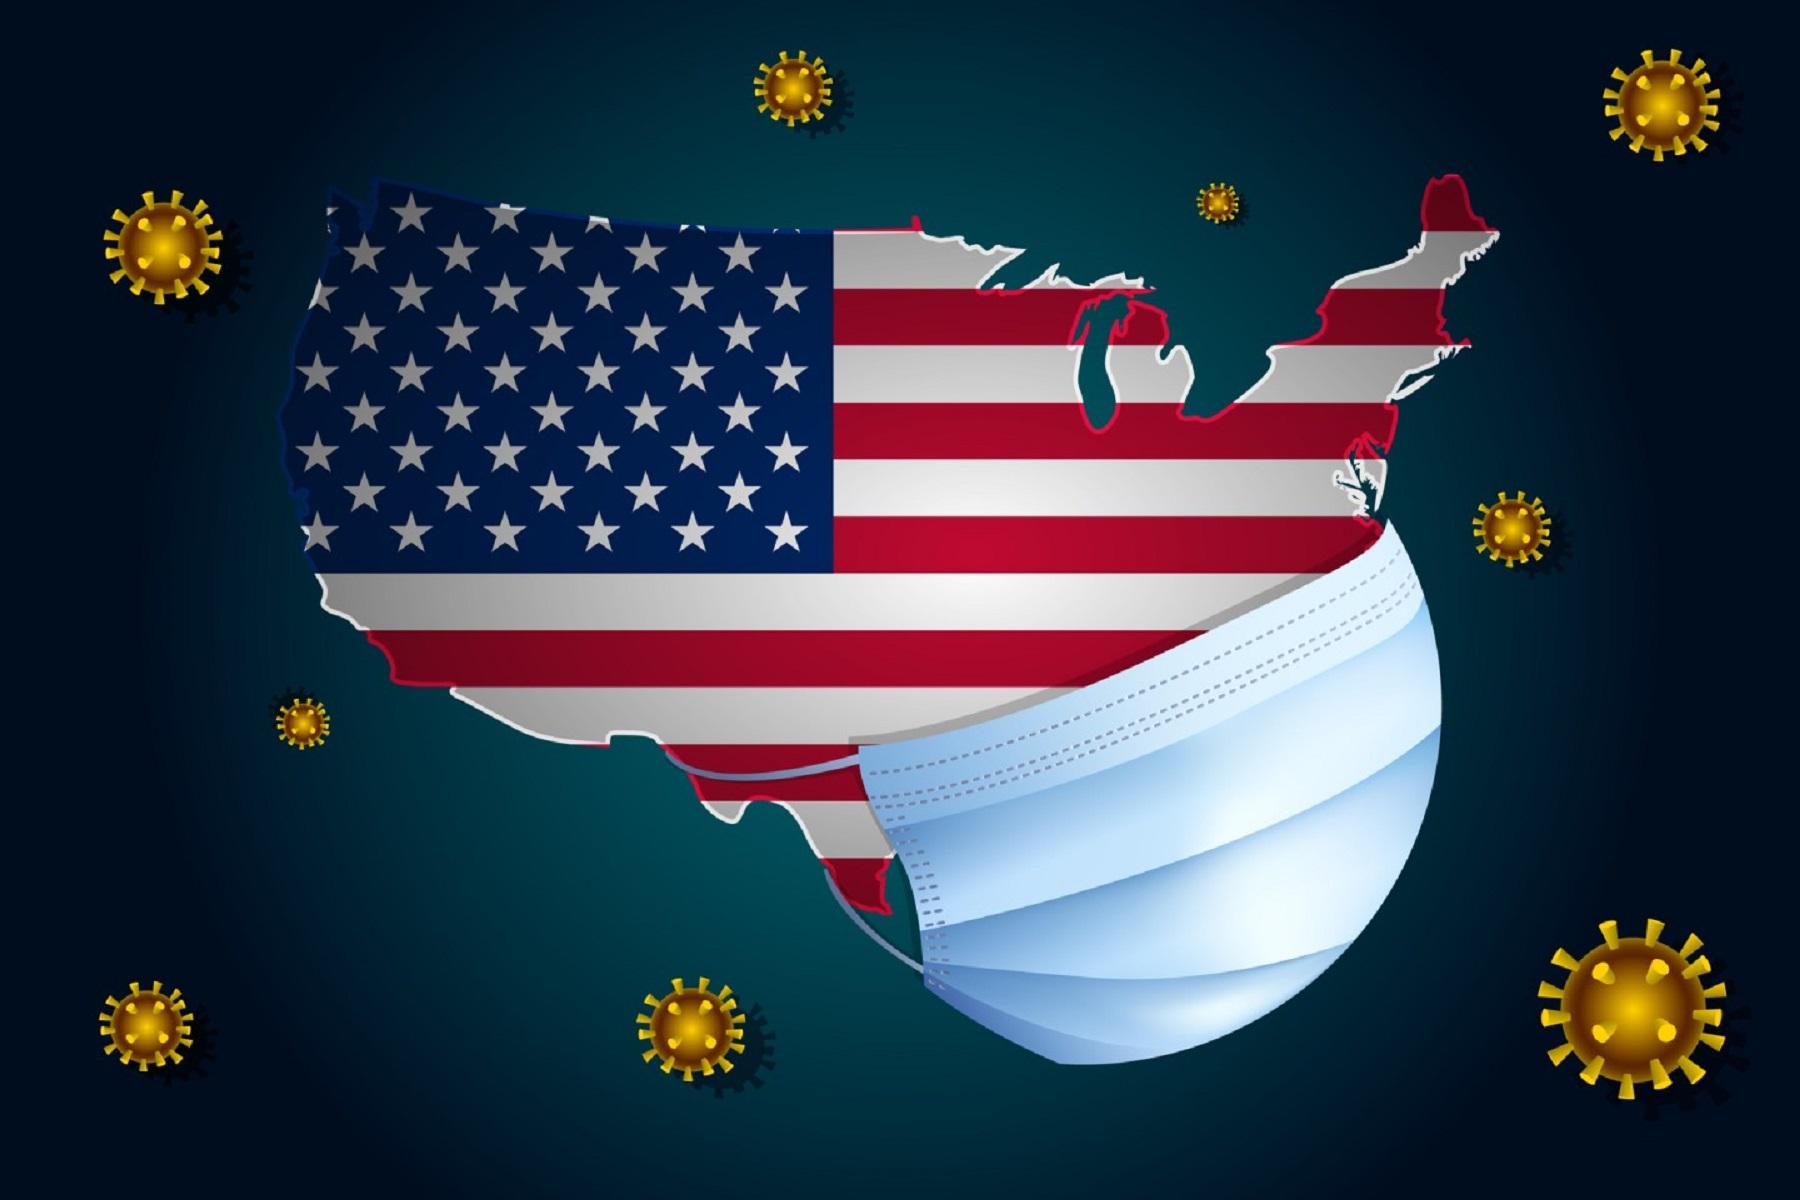 Νέα Μελέτη: Ο κορωνοϊός ήταν πιθανό να υπάρχει στις ΗΠΑ από τουλάχιστον τον Δεκέμβριο του 2019